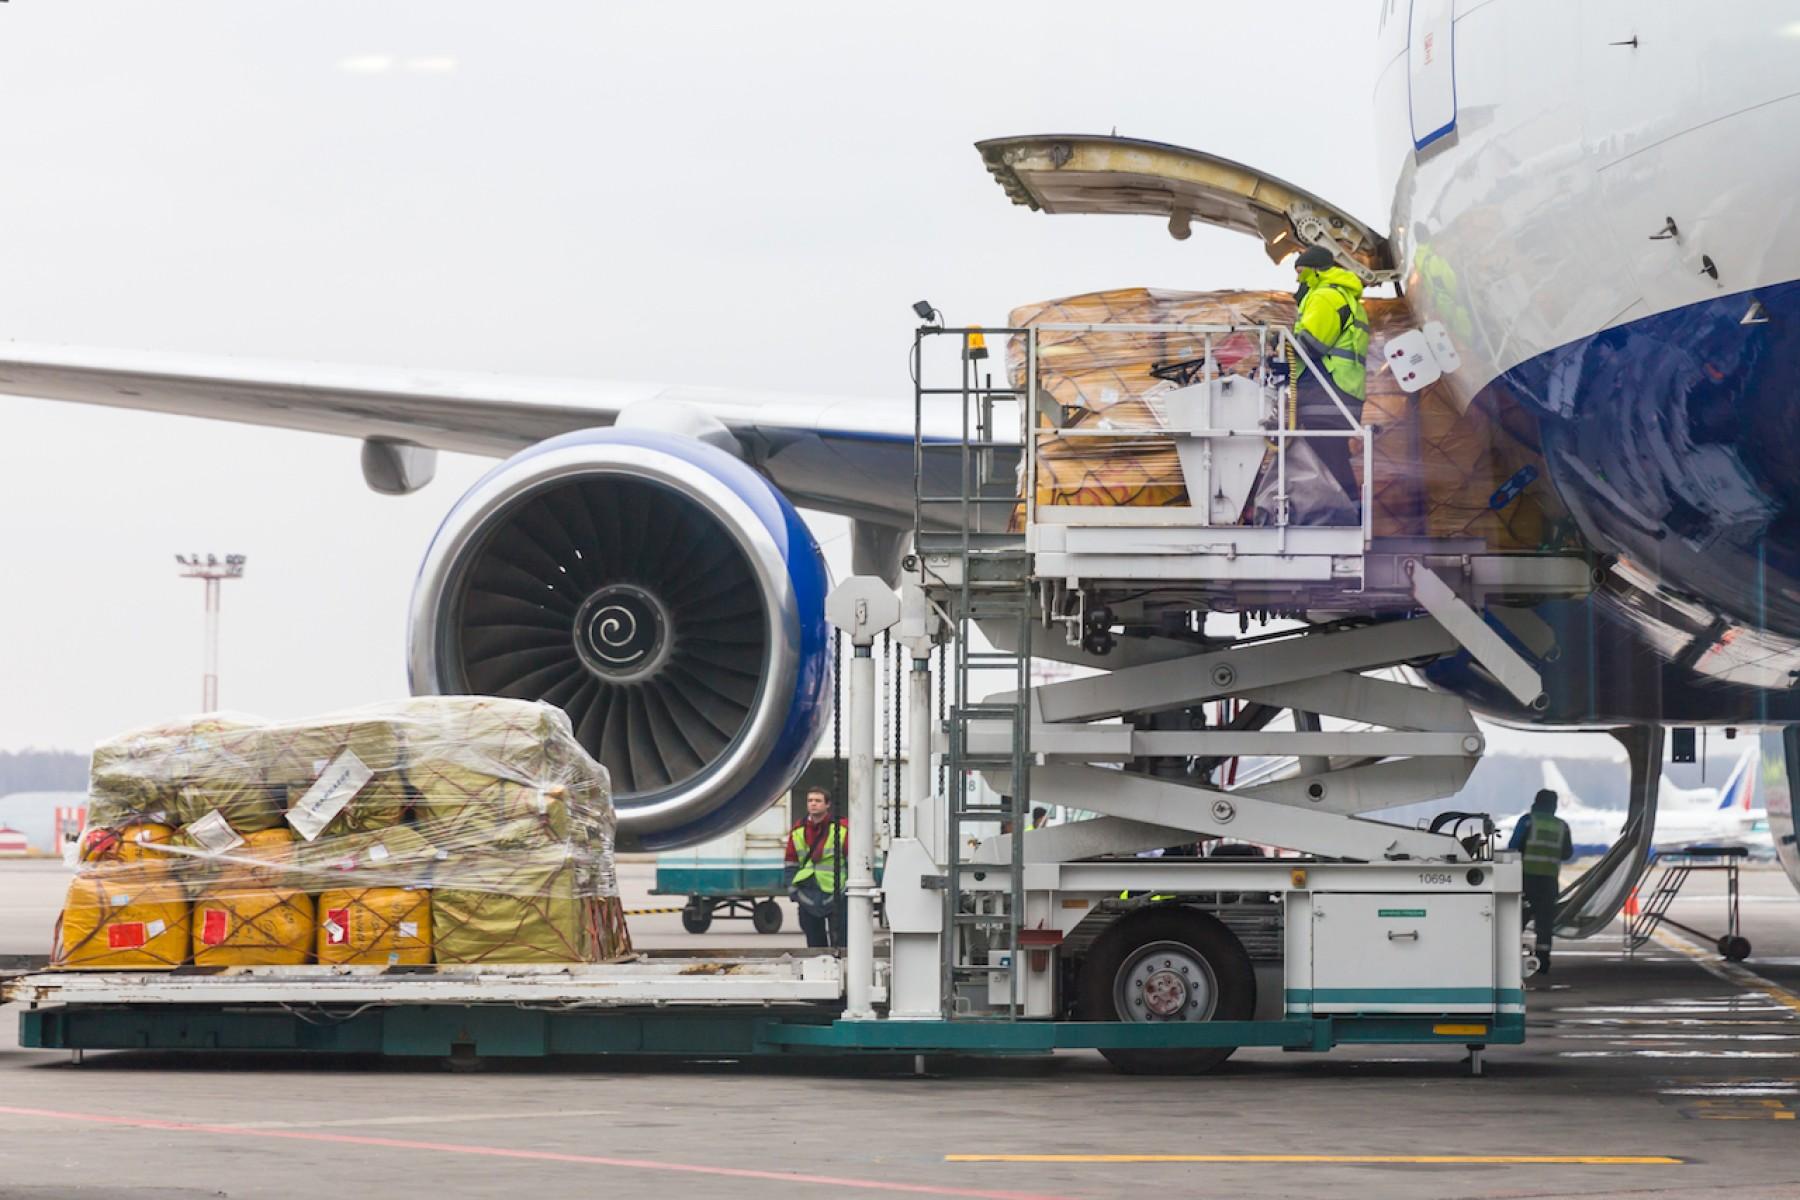 Avión cargando mercancía peiligrosa debidemante etiquetada y embalada. Morarte Logistics Blog